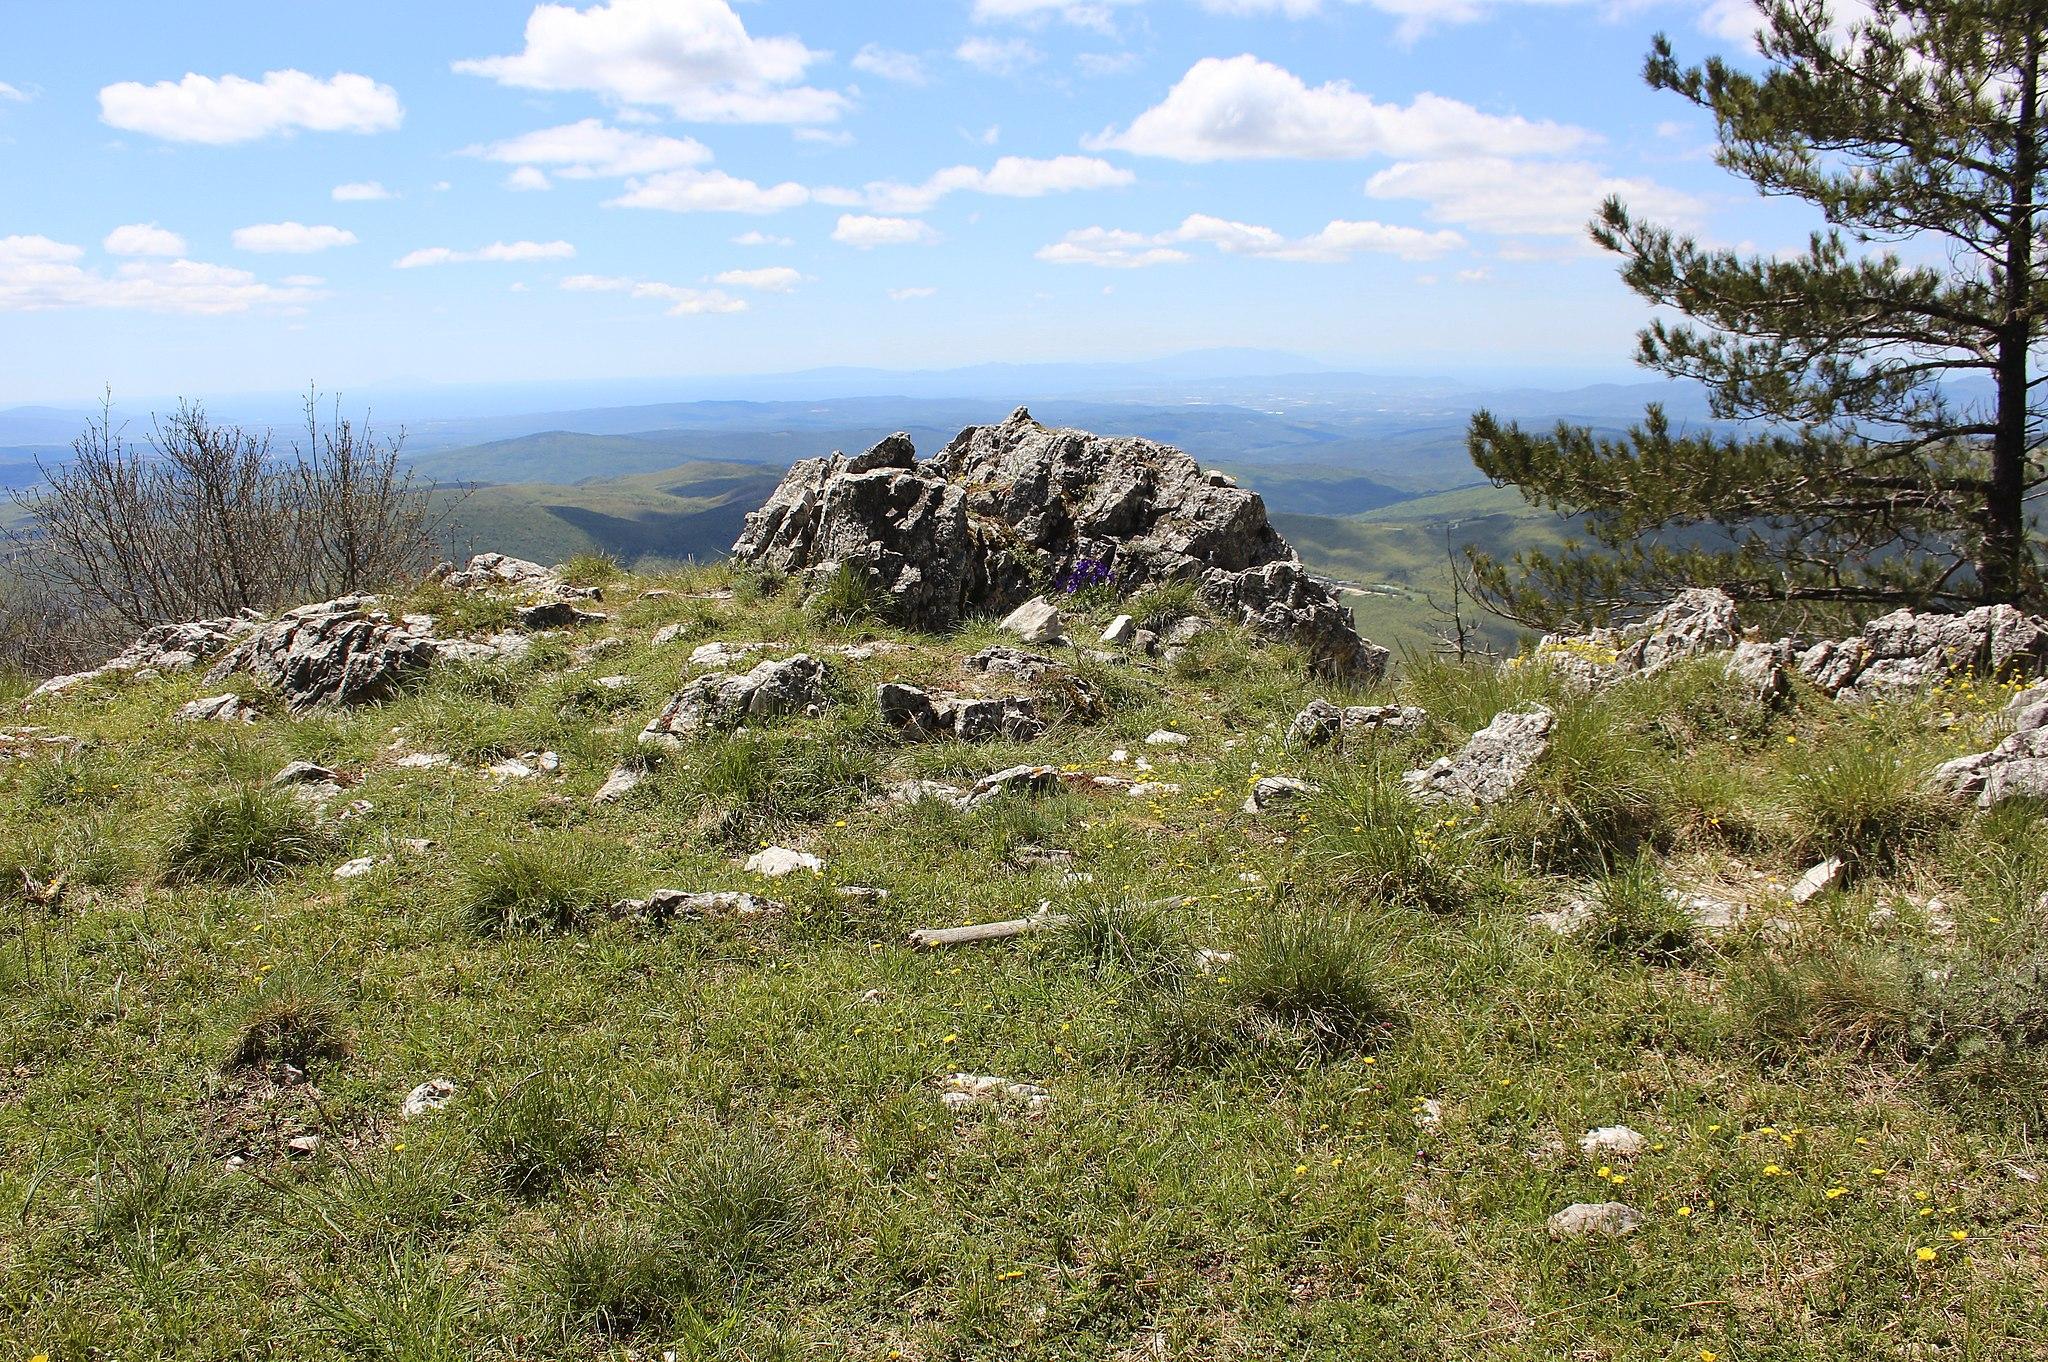 Montagna Cornate di Gerfalco, Gerfalco, Montieri, Provincia di Grosseto